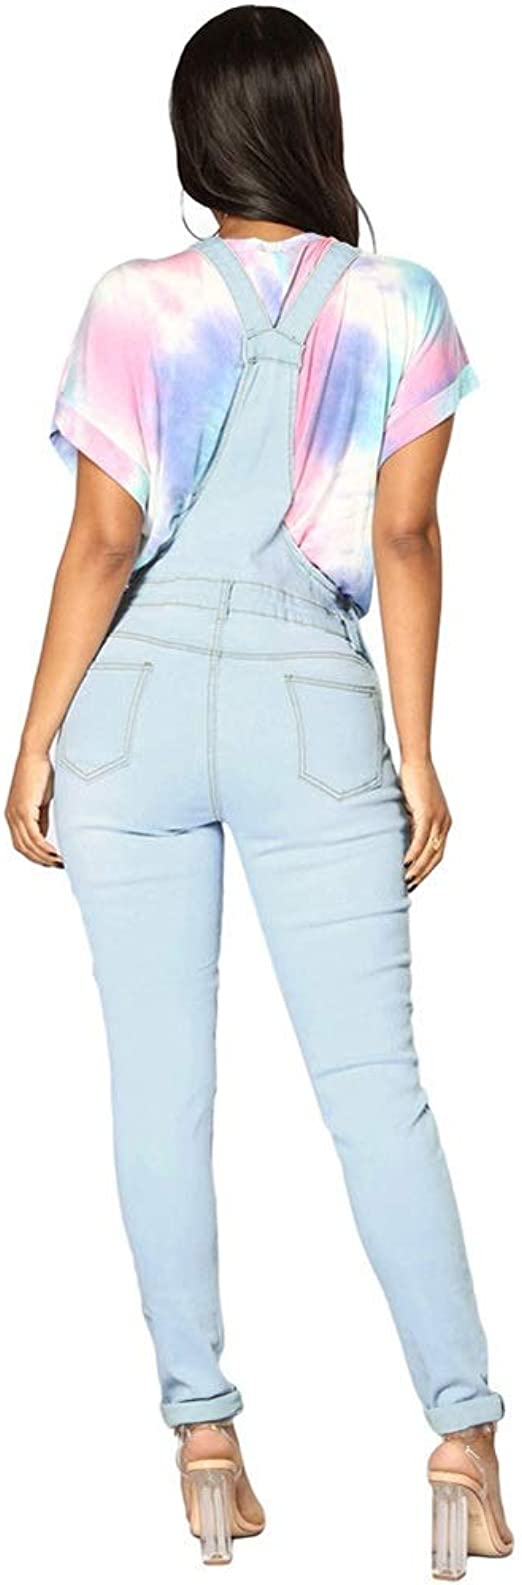 女性の調節可能なストラップポケット付きデニムオーバーオールをリッピング